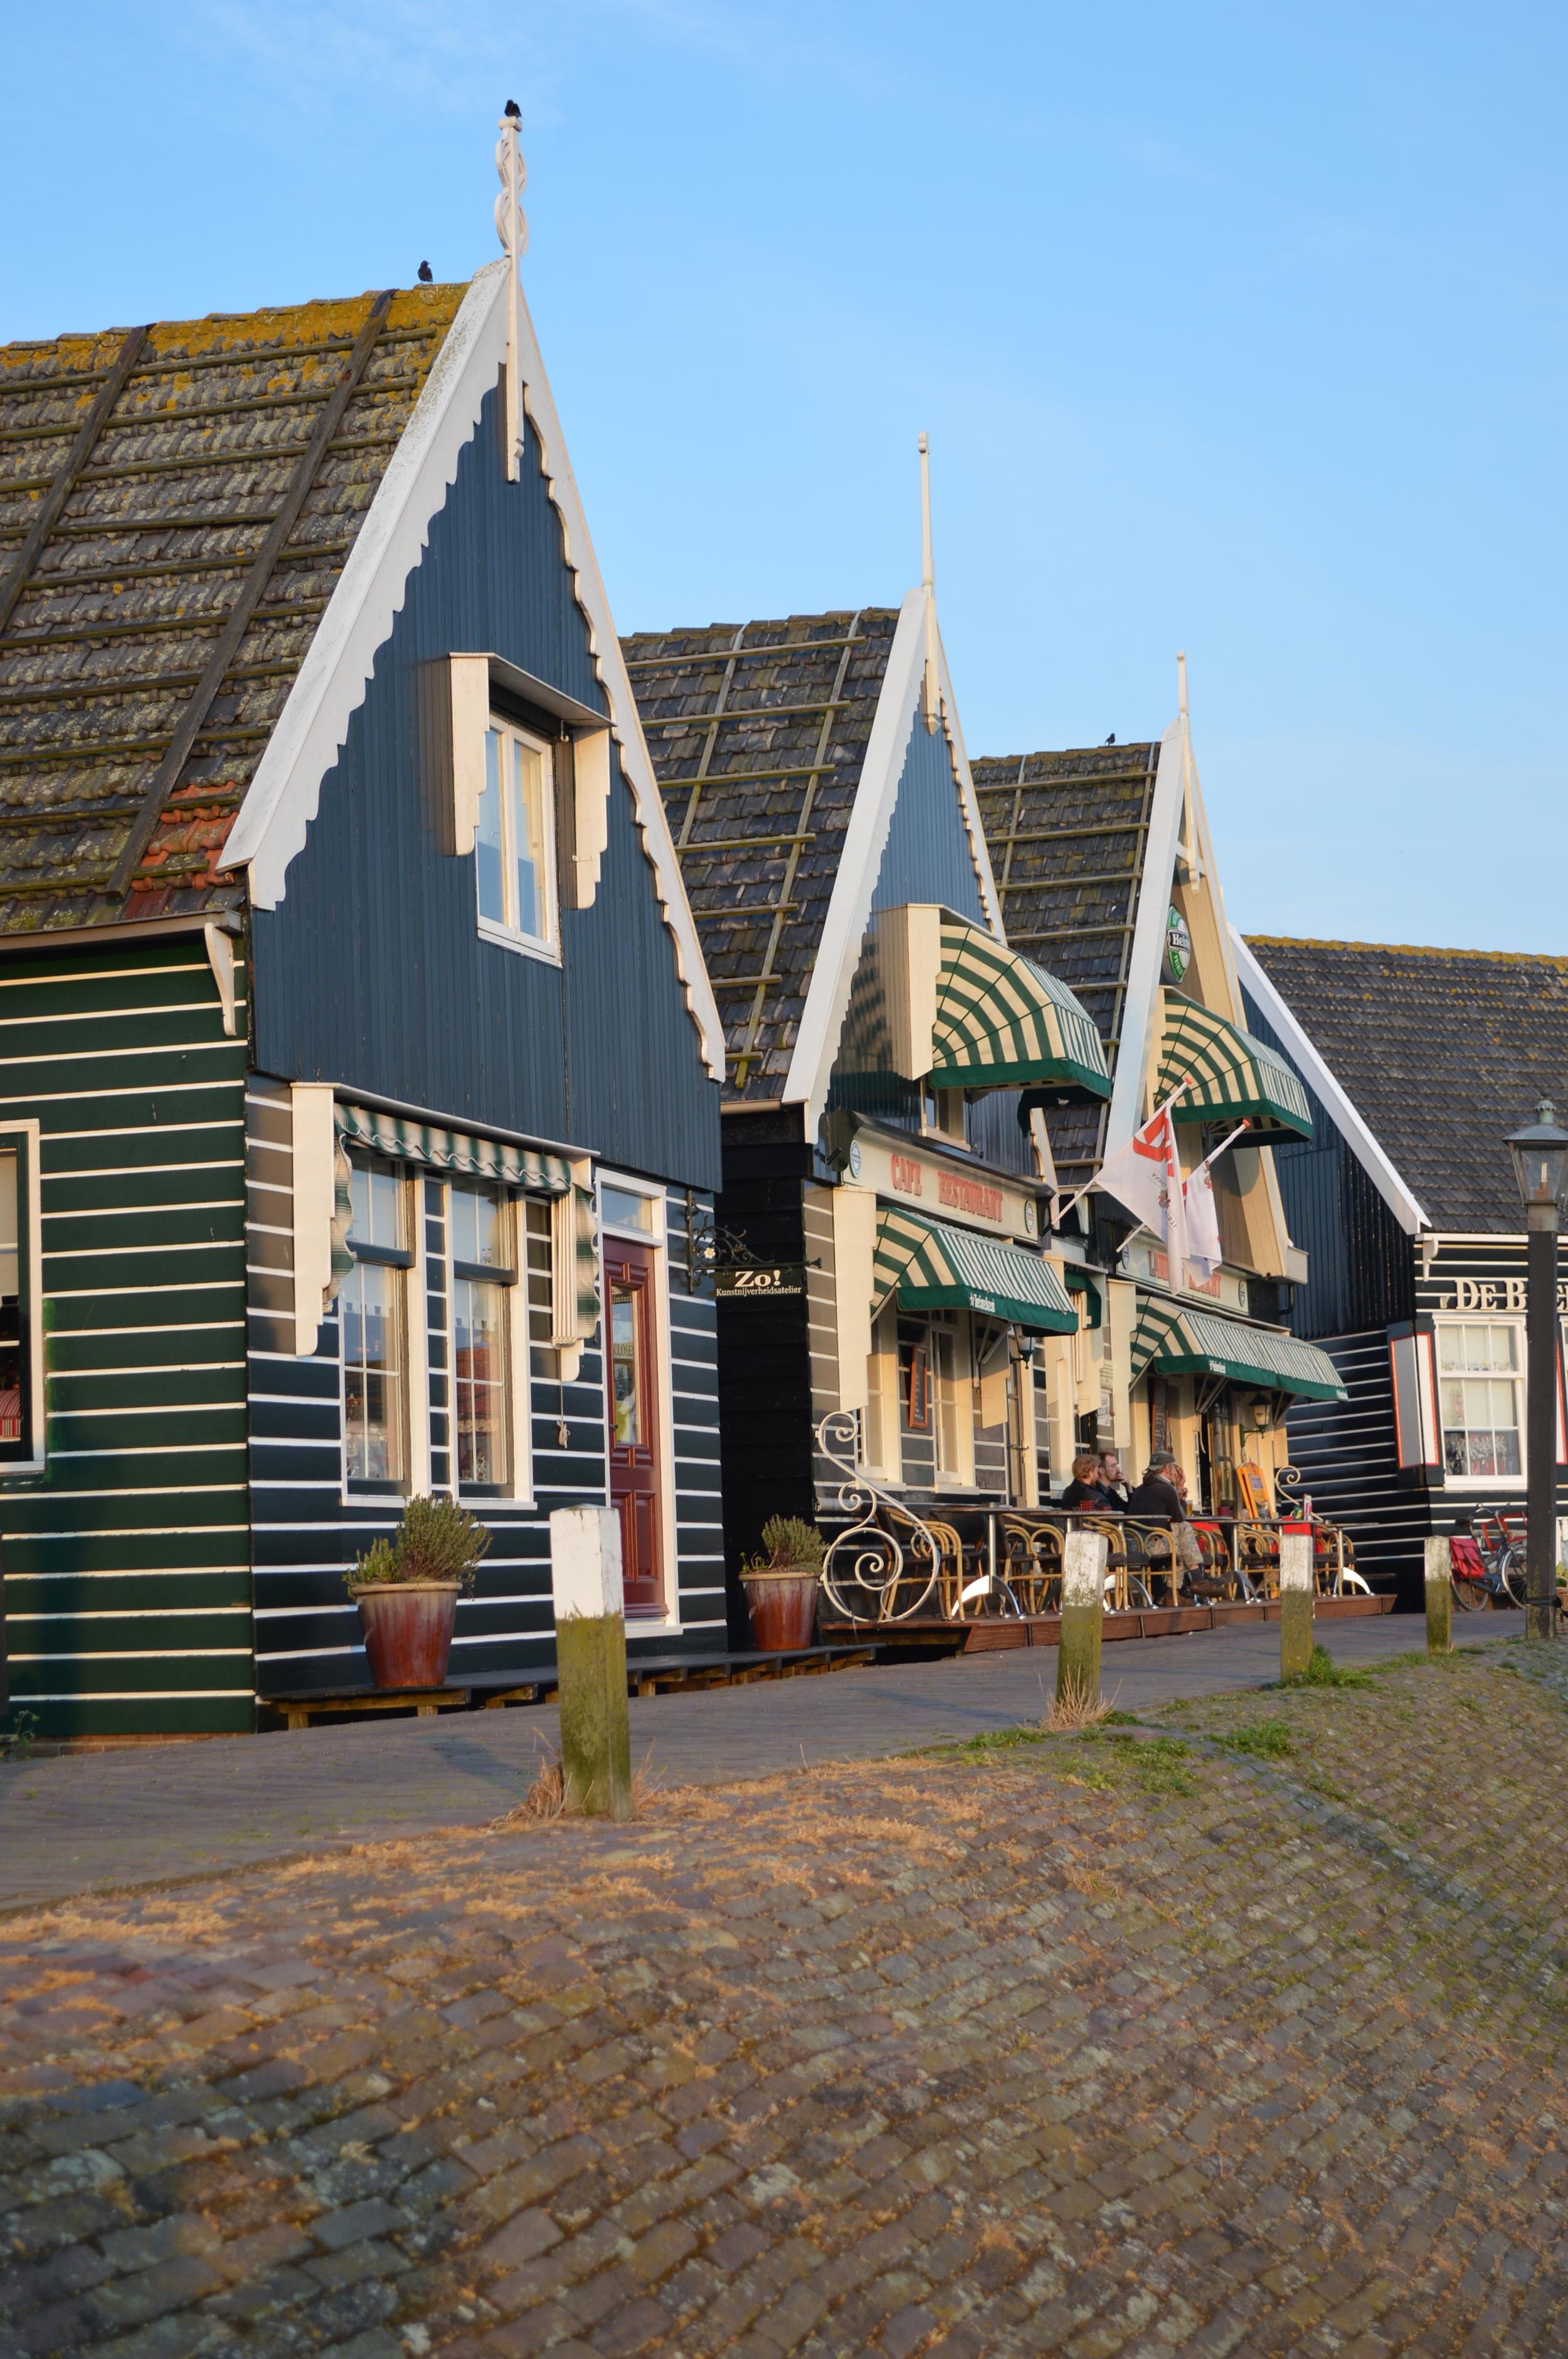 Dutch architecture - Marken, The Netherlands